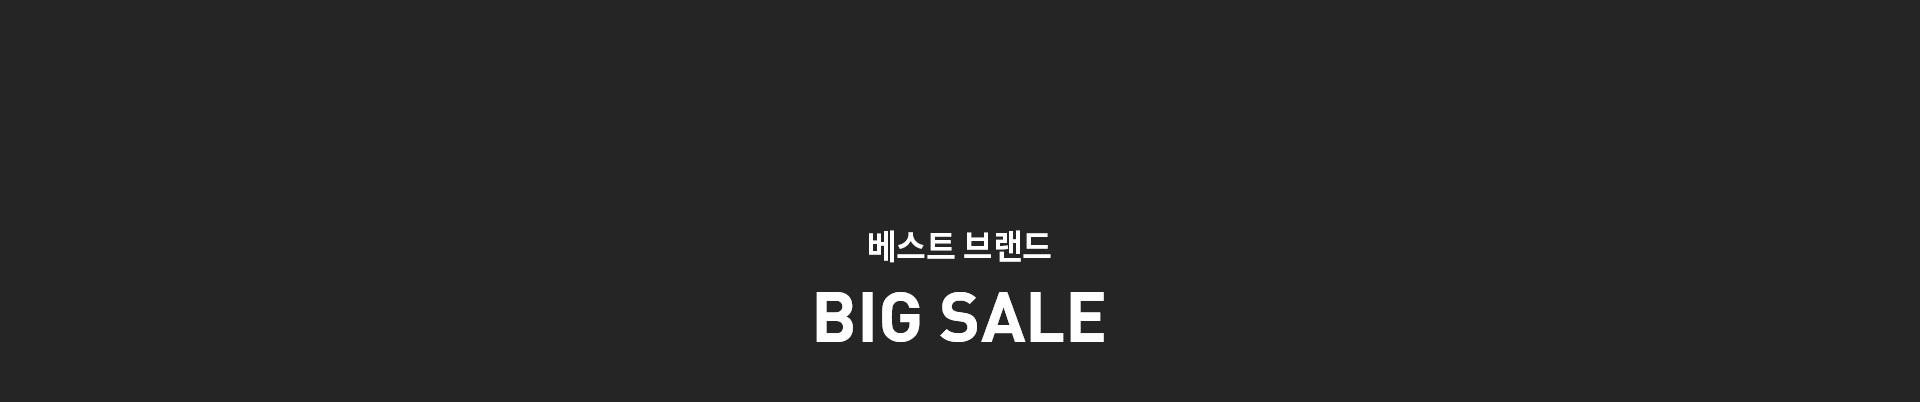 베스트 브랜드 9월 BIG SALE